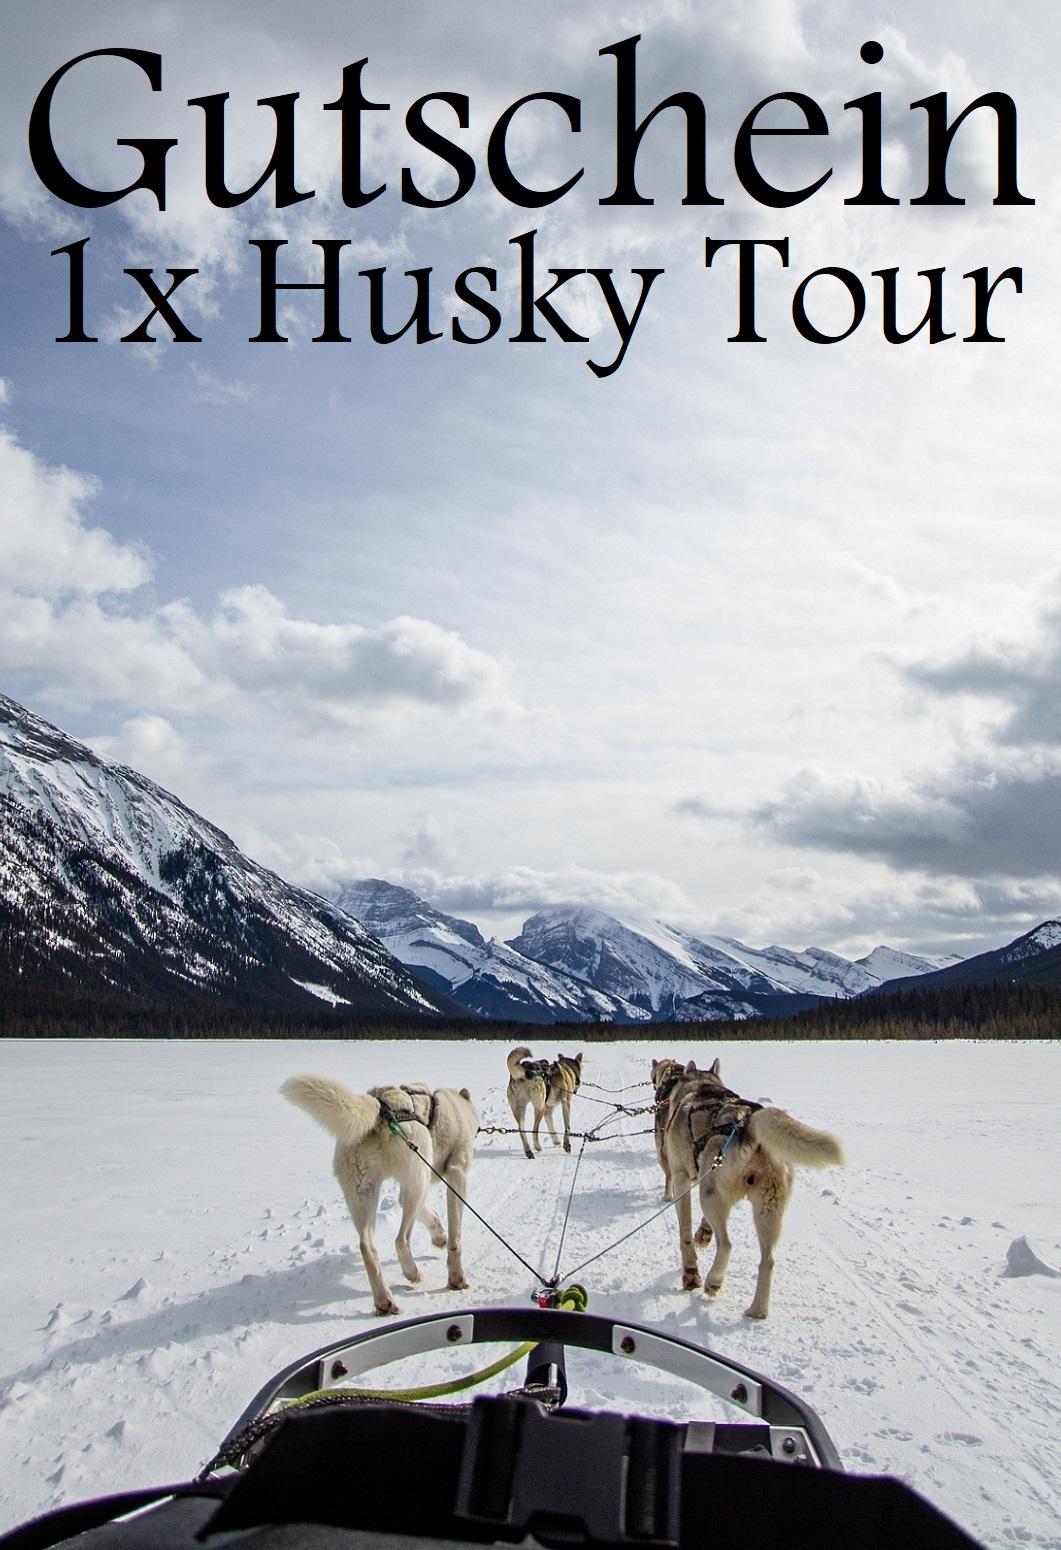 Gutscheinvorlage für Huskytouren